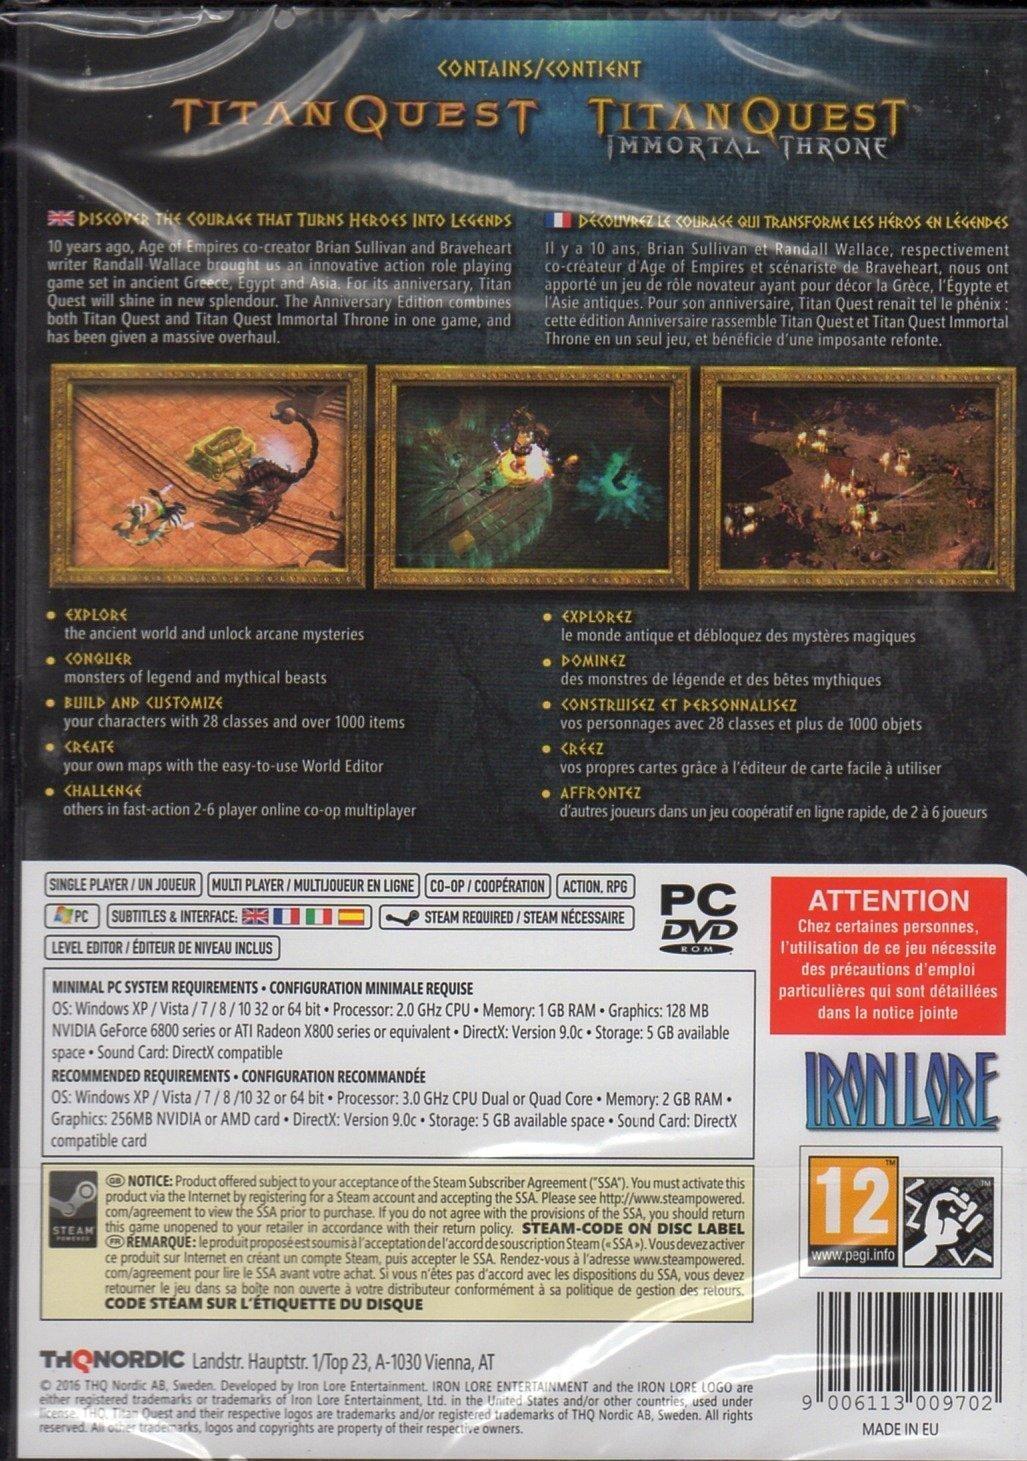 Carte Du Monde Il Y A 40000 Ans.Titan Quest Anniversary Edition Pc Dvd Amazon Co Uk Pc